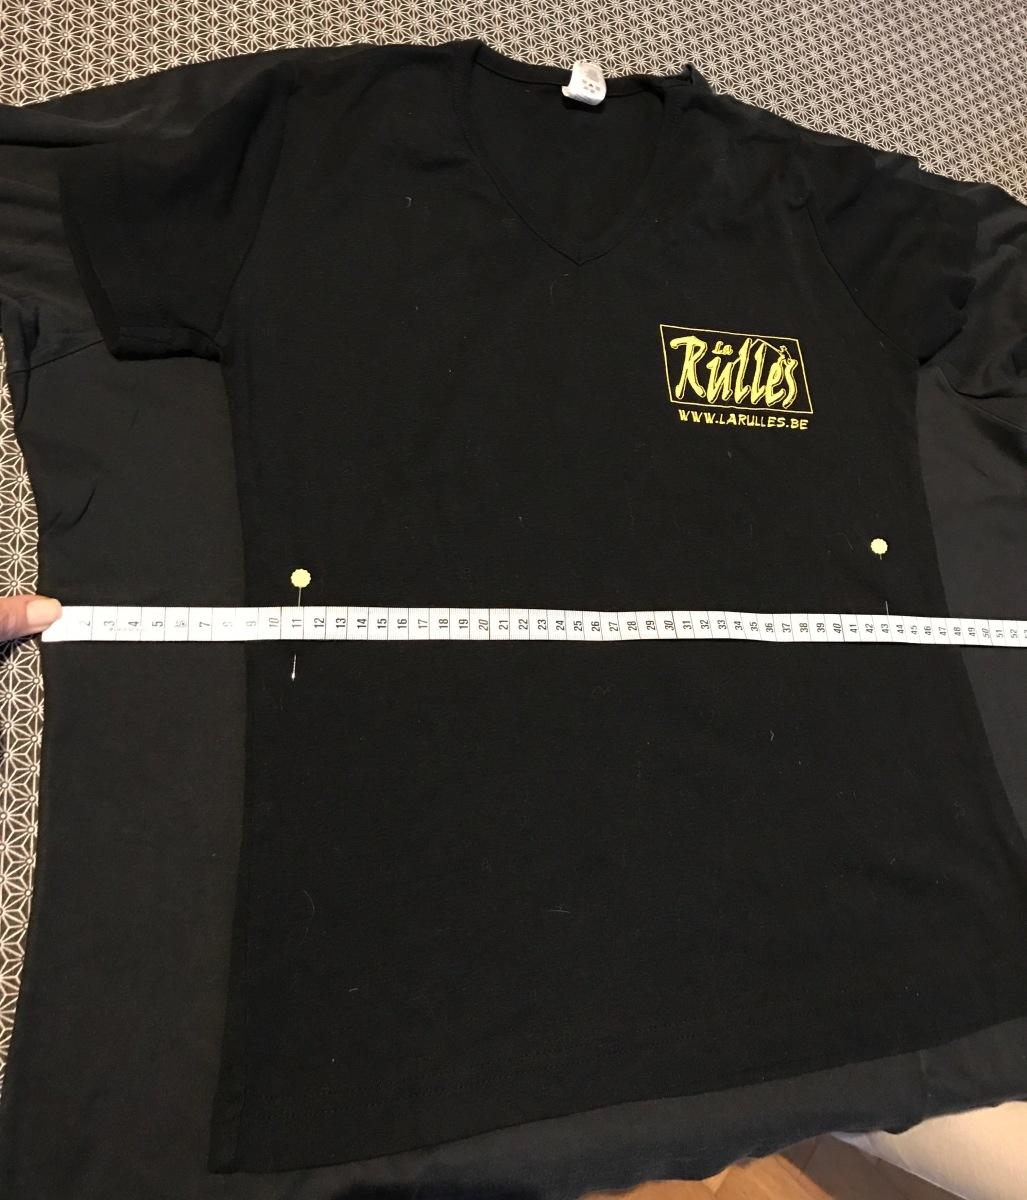 Réduire la taille d'un T-Shirt : mes trucs et astuces